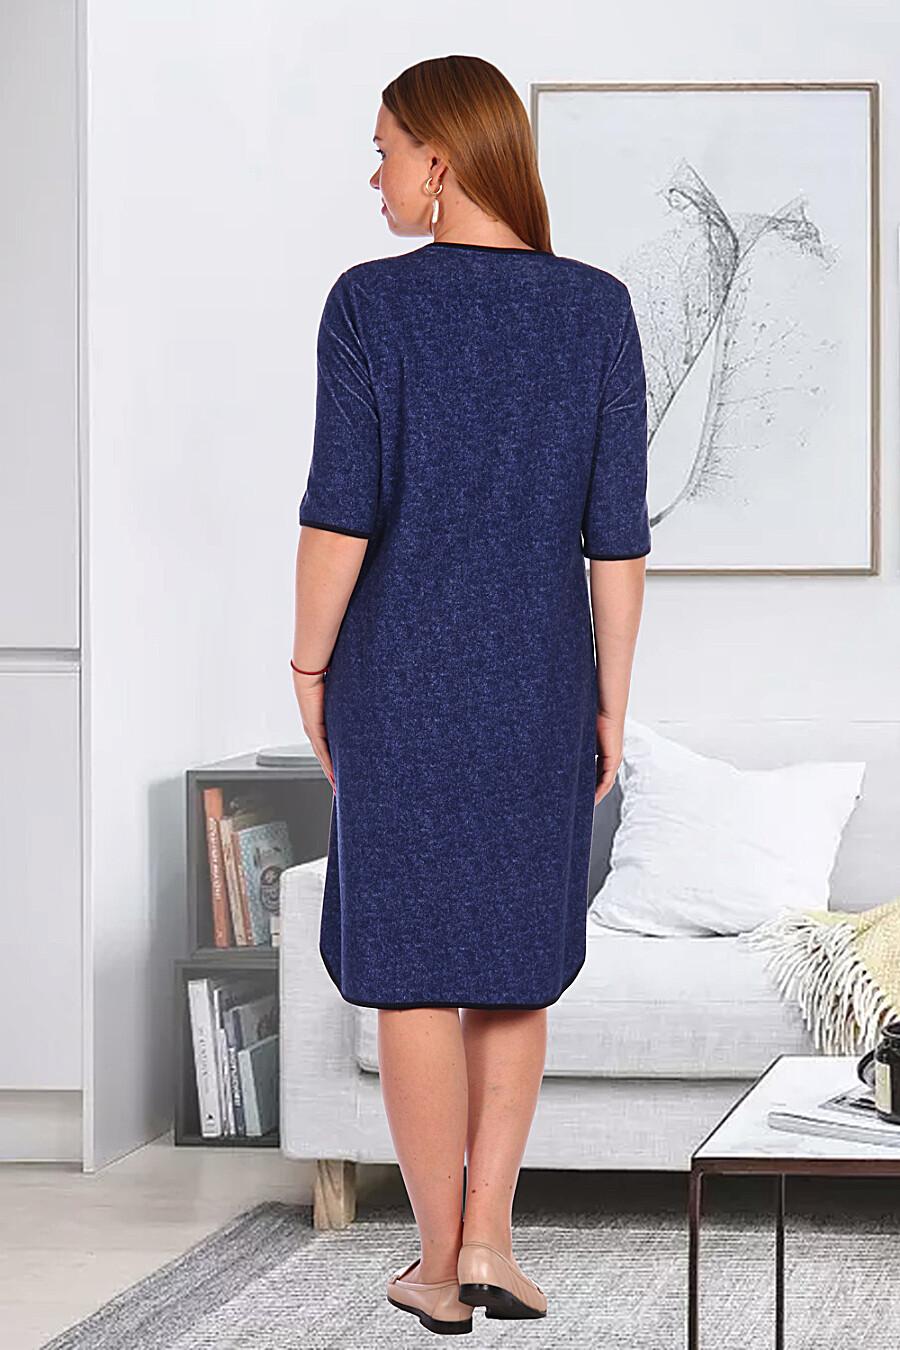 Платье 7011 для женщин НАТАЛИ 288640 купить оптом от производителя. Совместная покупка женской одежды в OptMoyo